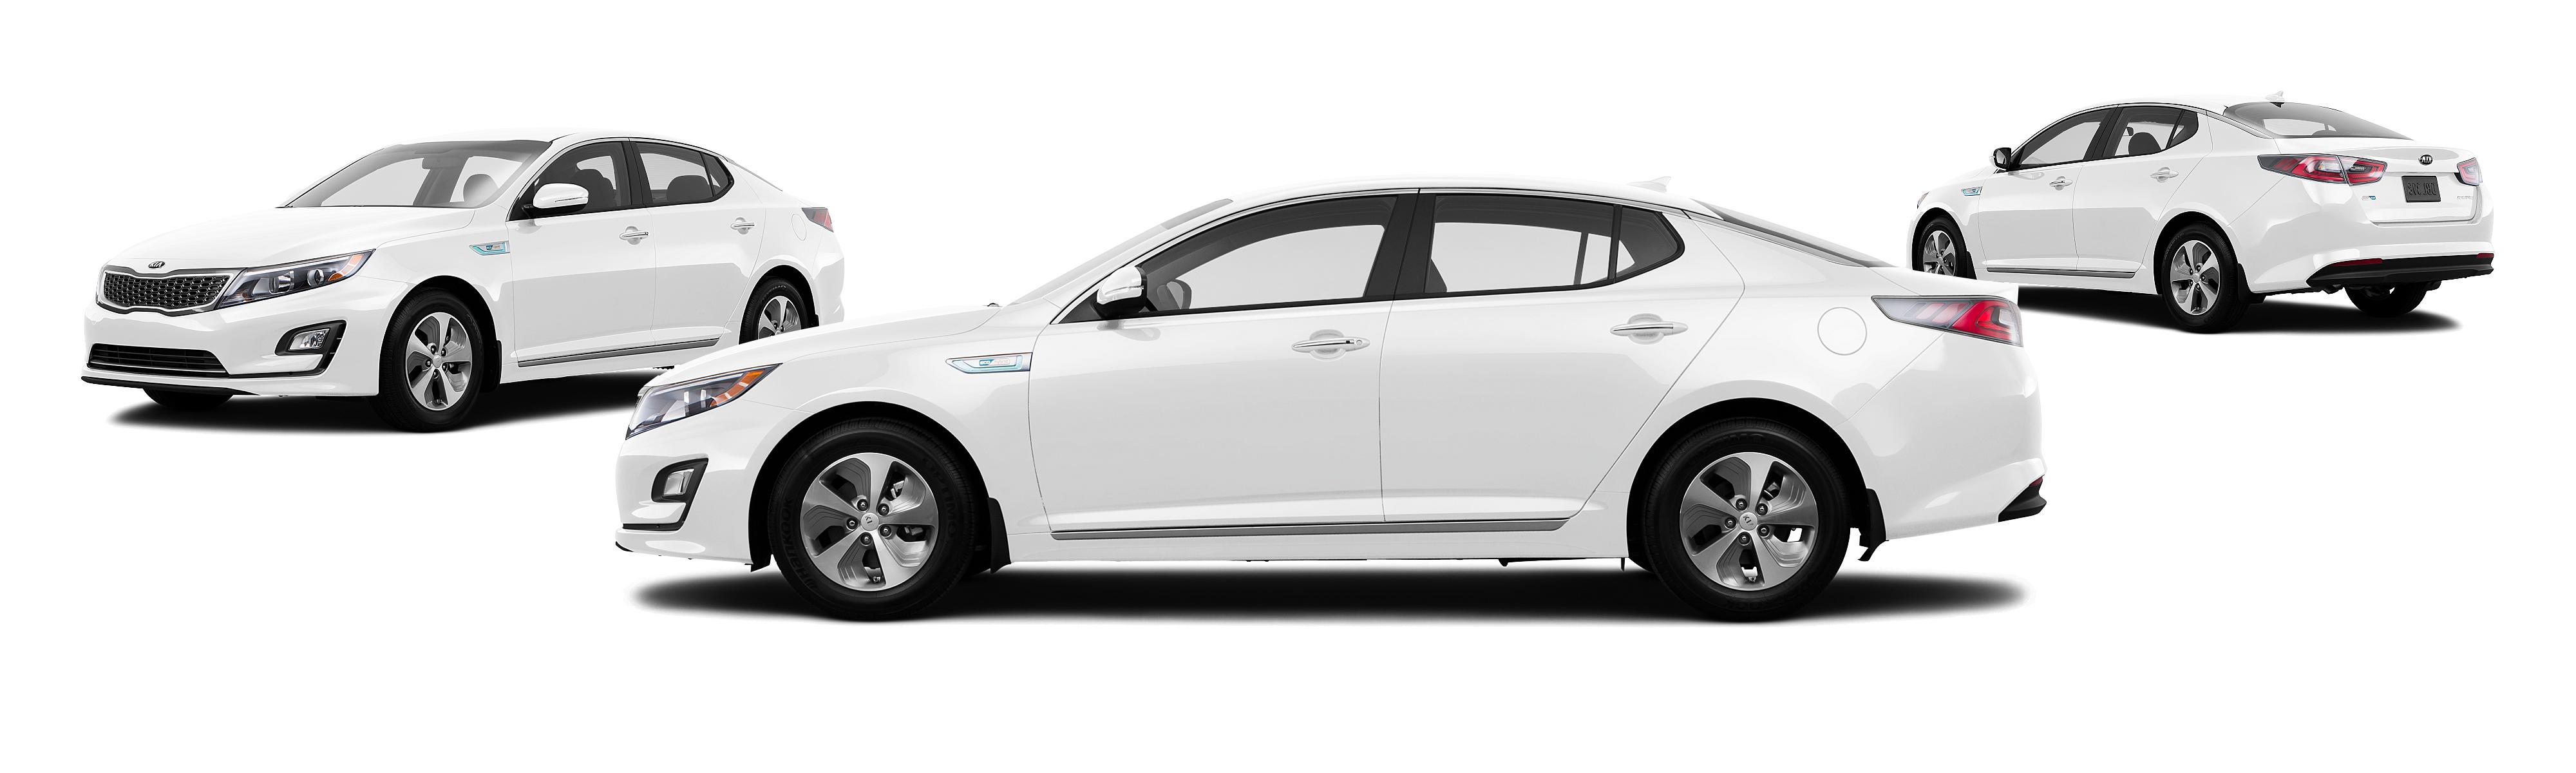 optima sedan photos features kia photo reviews price hybrid base